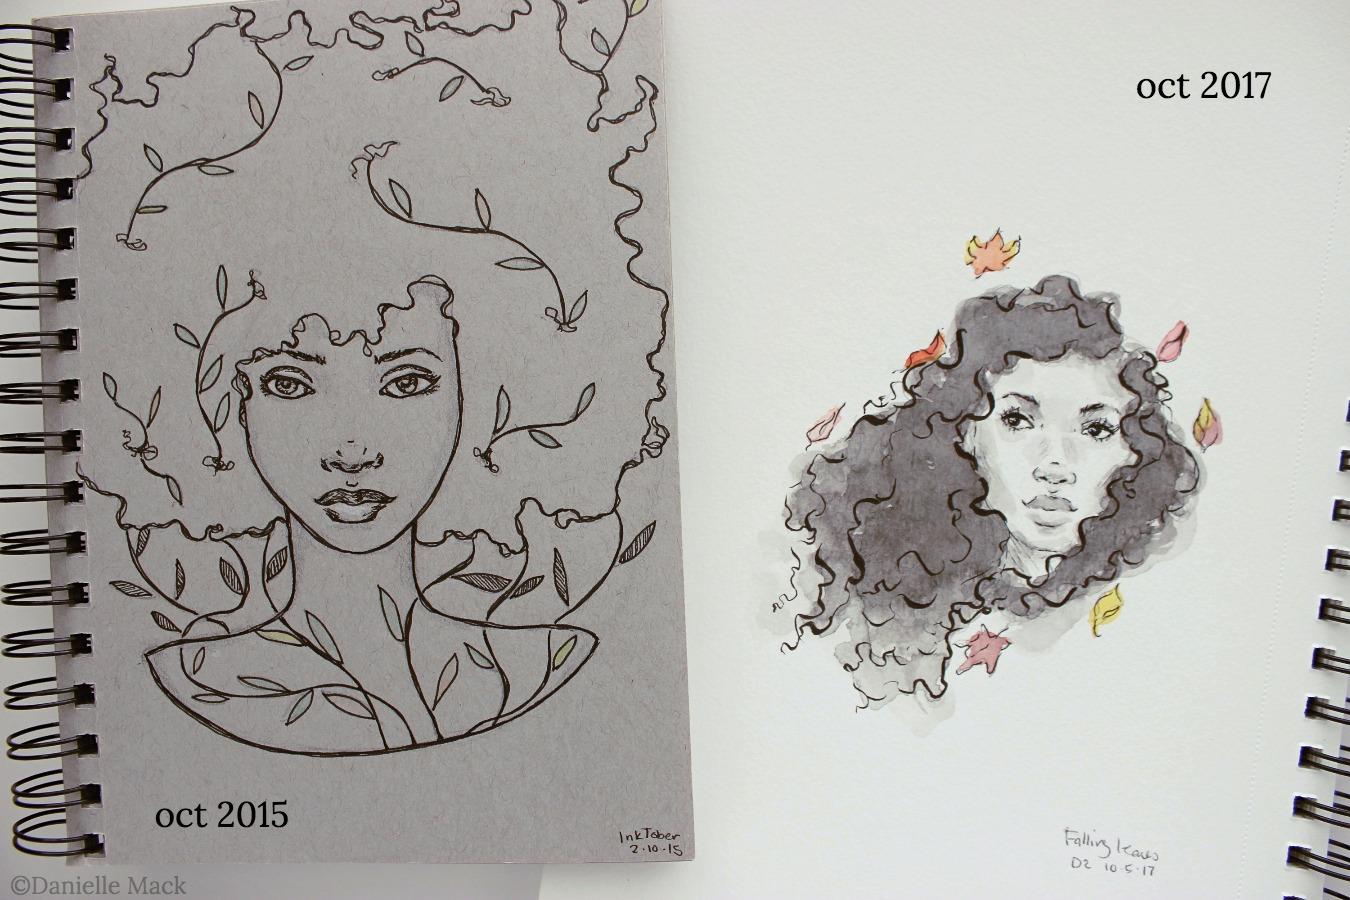 inktober drawings blog 2.jpg